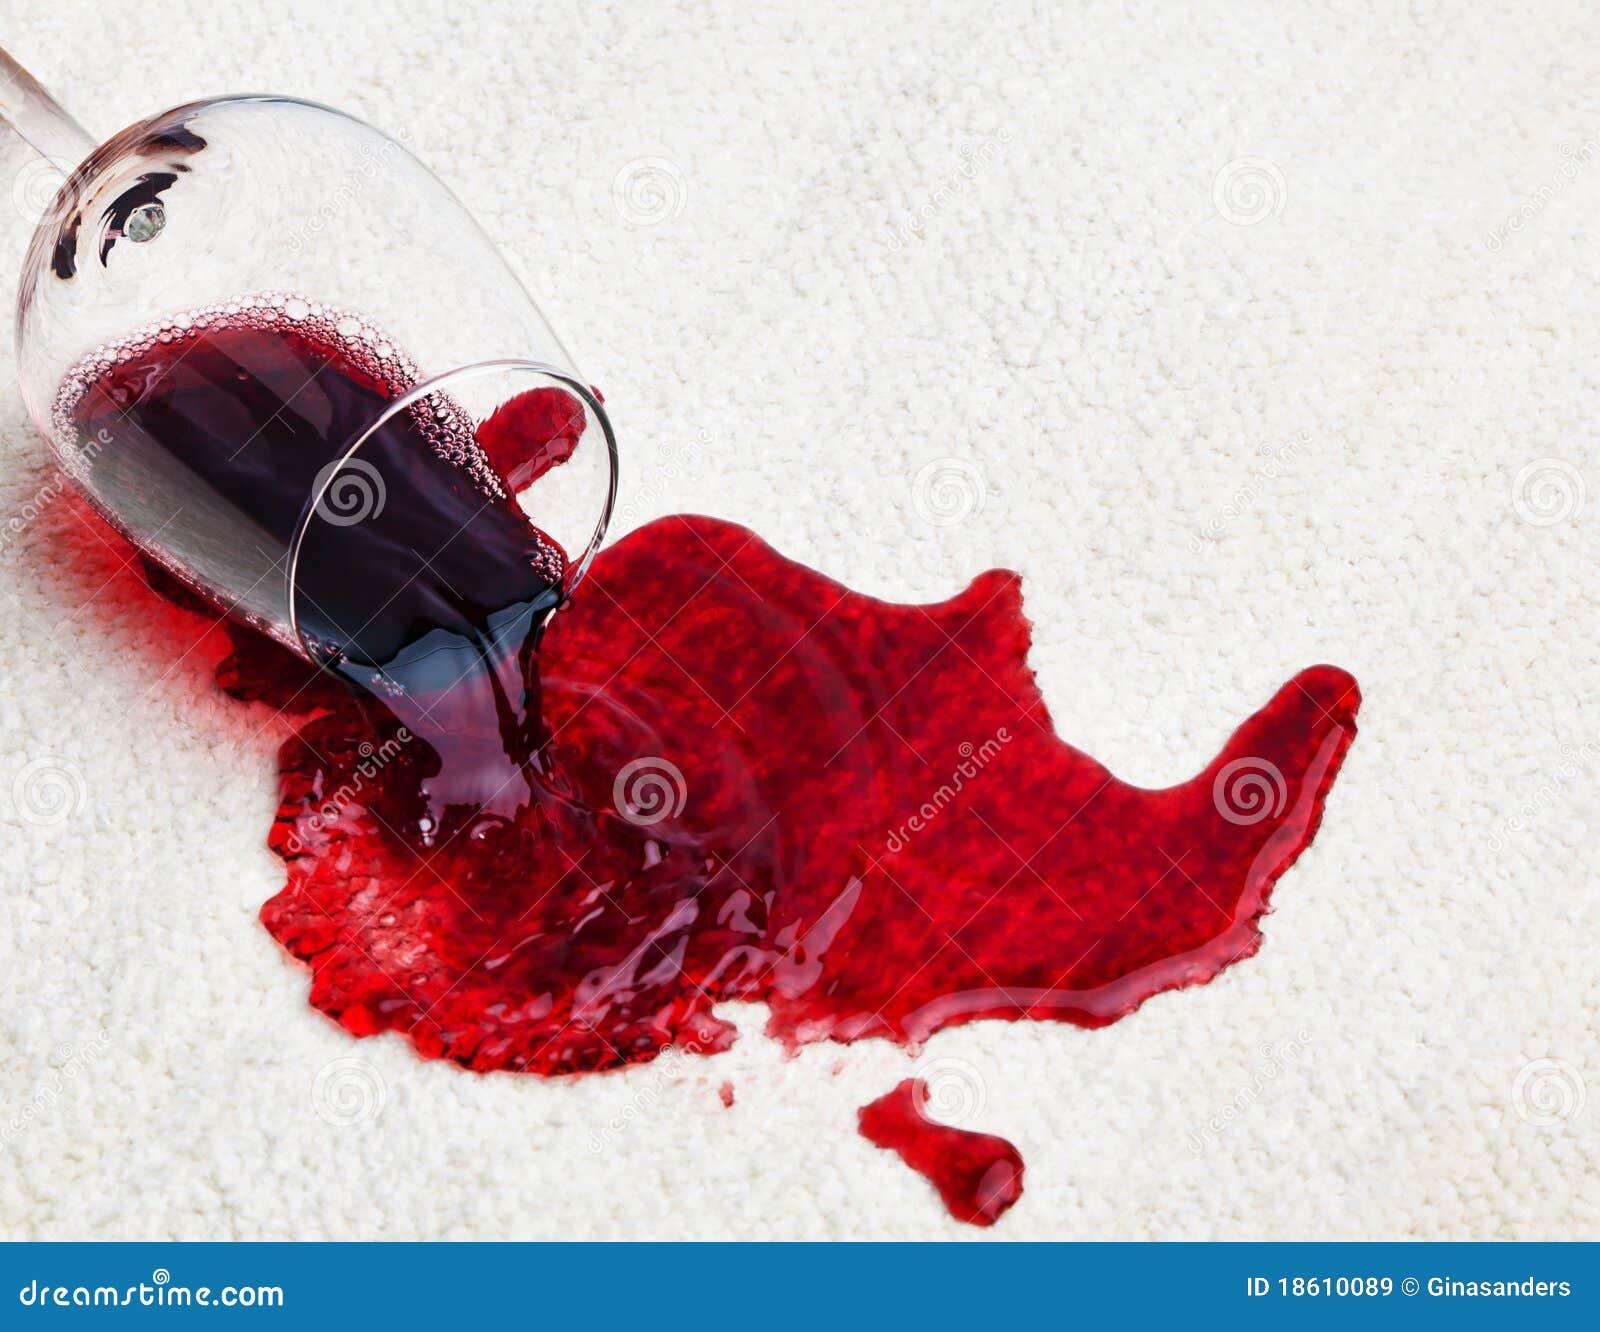 rotwein versch ttet auf teppich. Black Bedroom Furniture Sets. Home Design Ideas